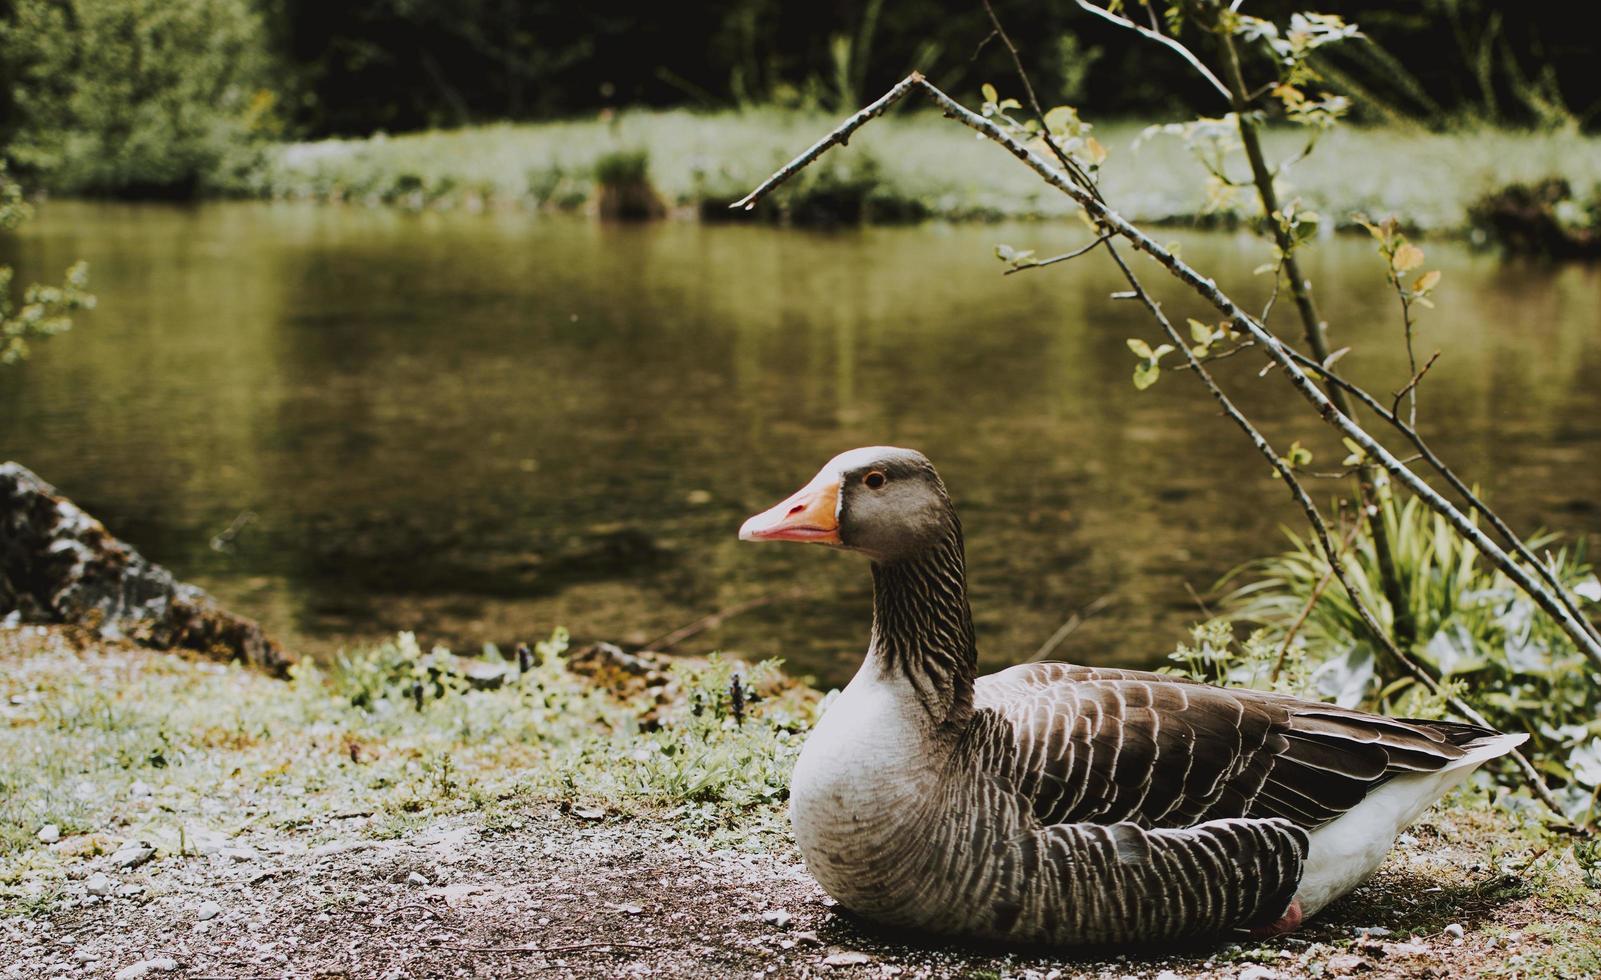 Ente in der Nähe von Gewässern foto